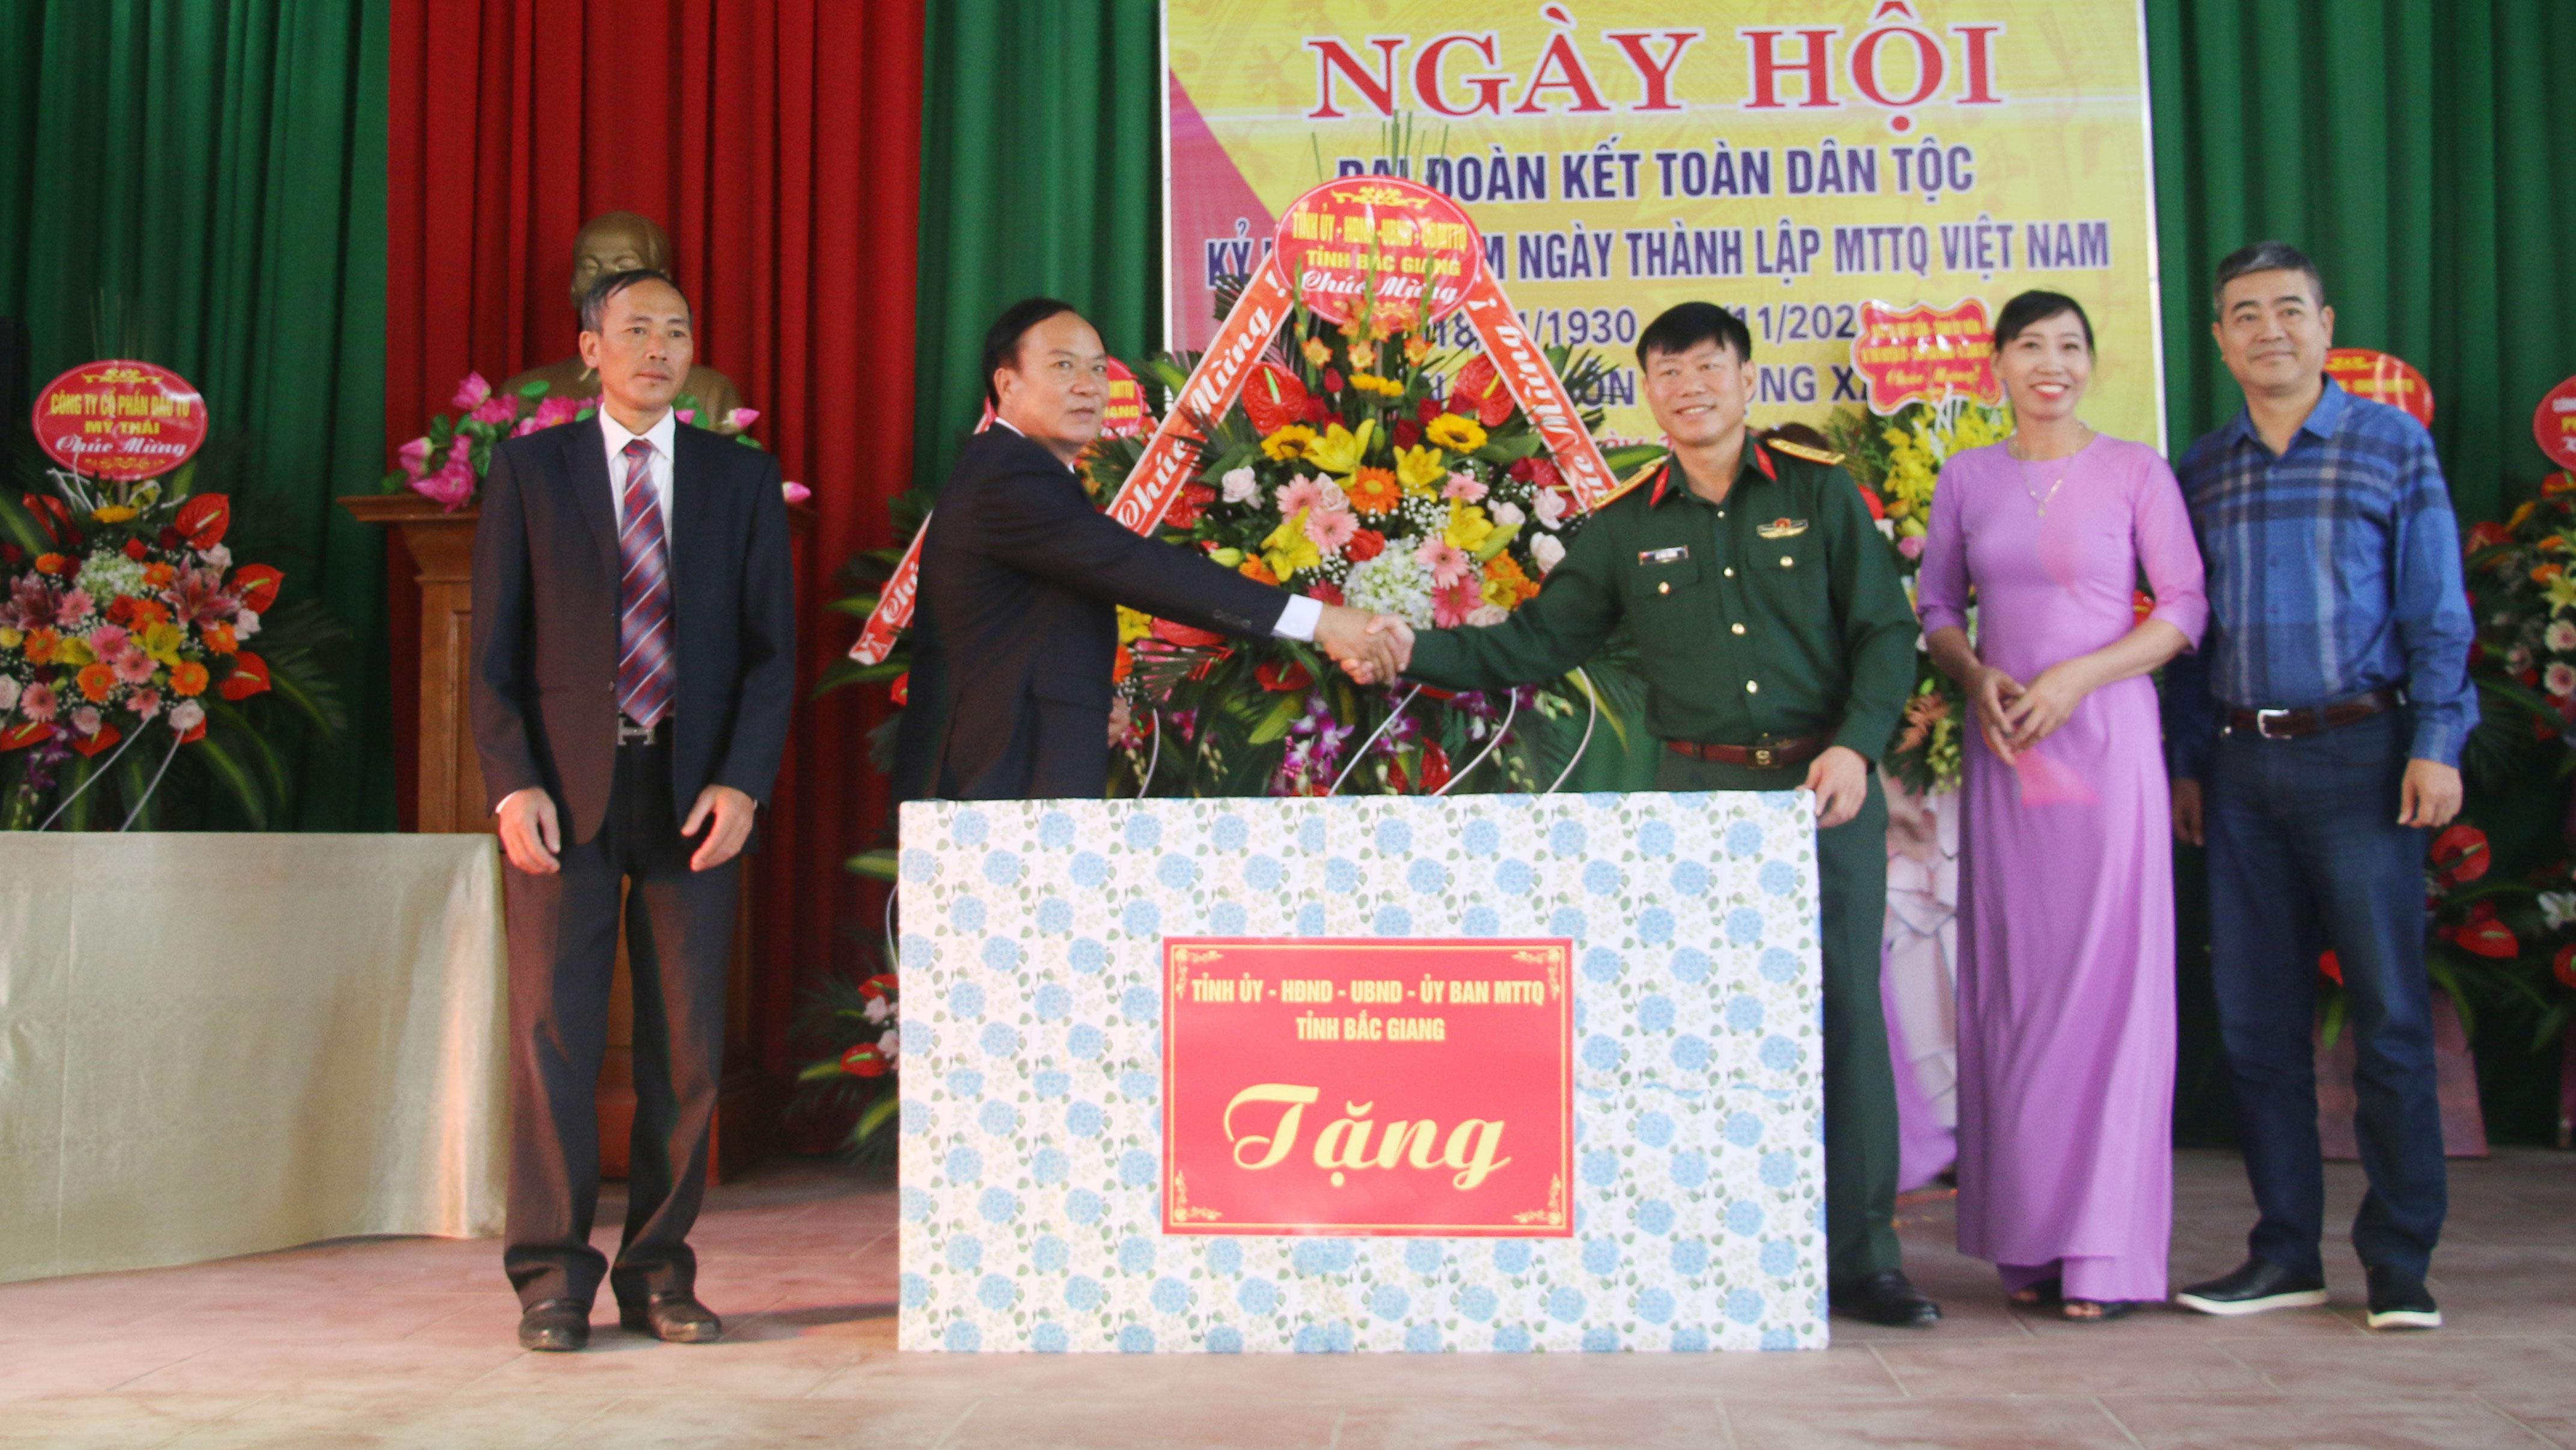 Chỉ huy trưởng Bộ CHQS tỉnh dự Ngày hội đại đoàn kết tại huyện Lạng Giang